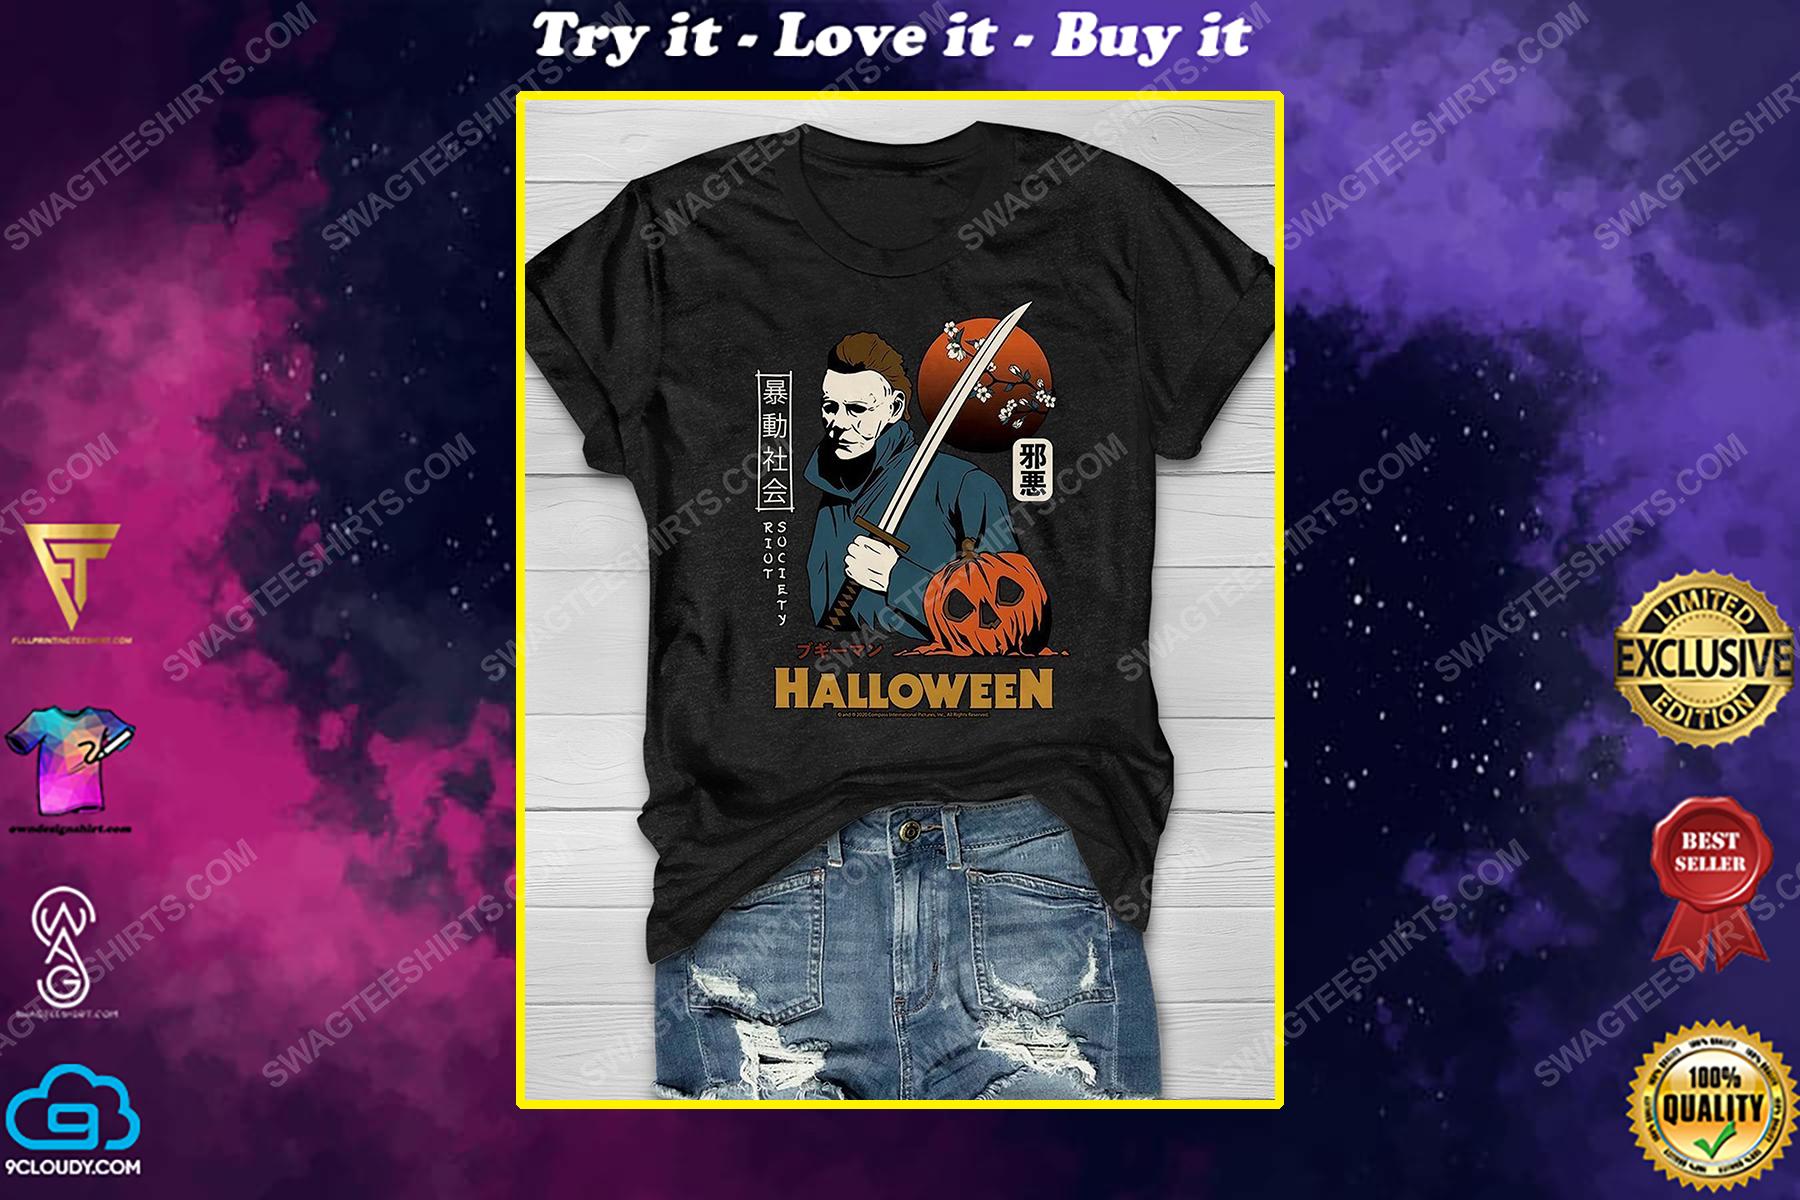 Halloween Michael myers with katana shirt